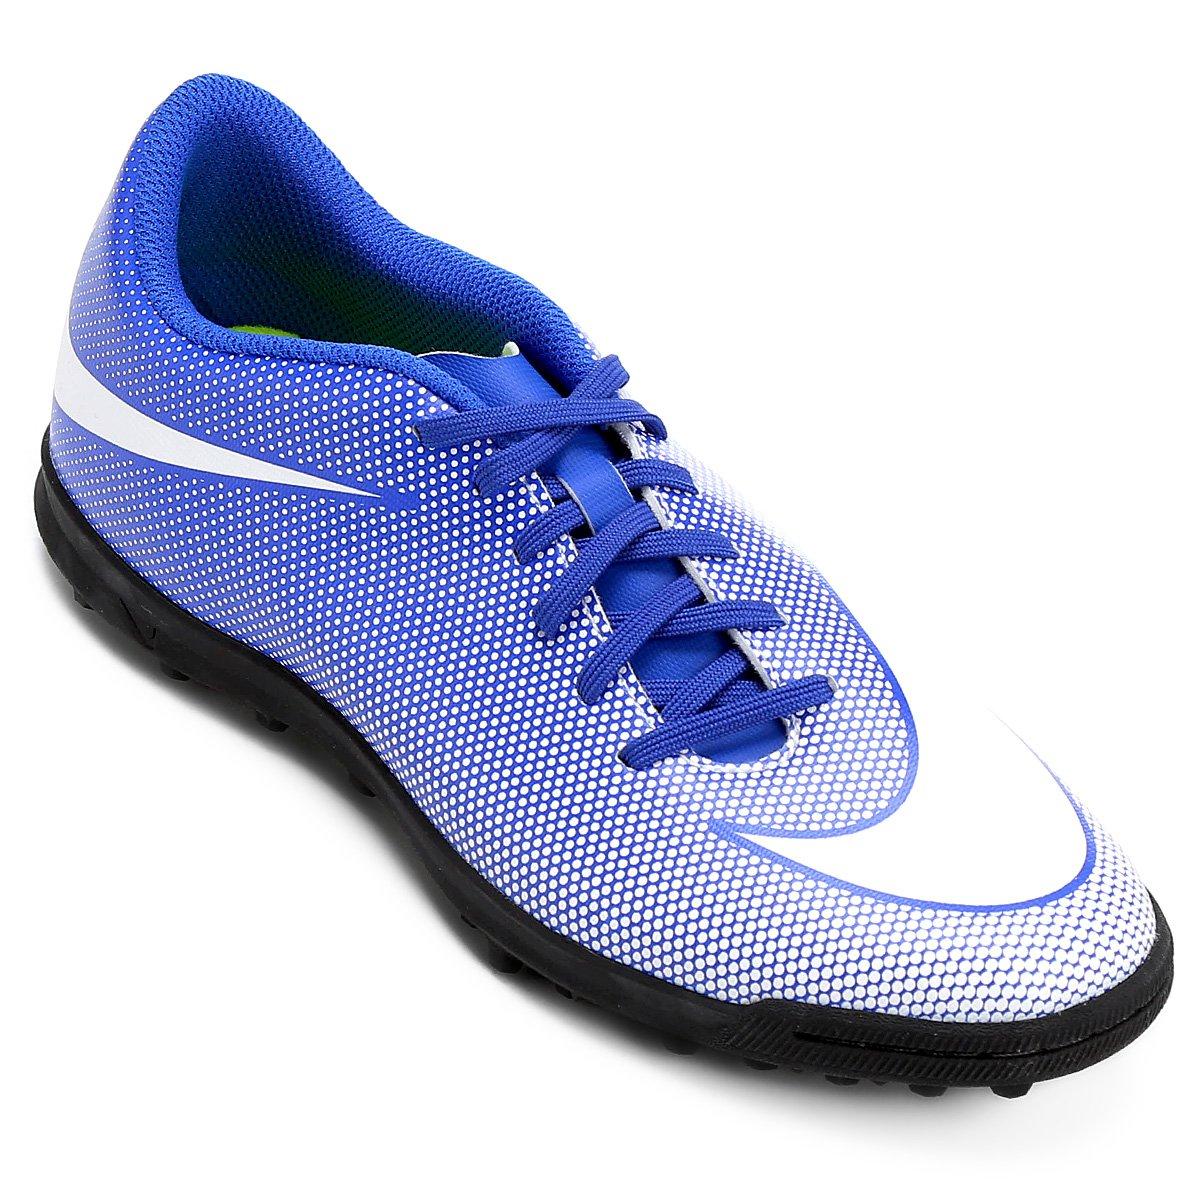 217a47b33e9eb Chuteira Society Nike Bravata 2 TF - Azul e Branco - Compre Agora ...